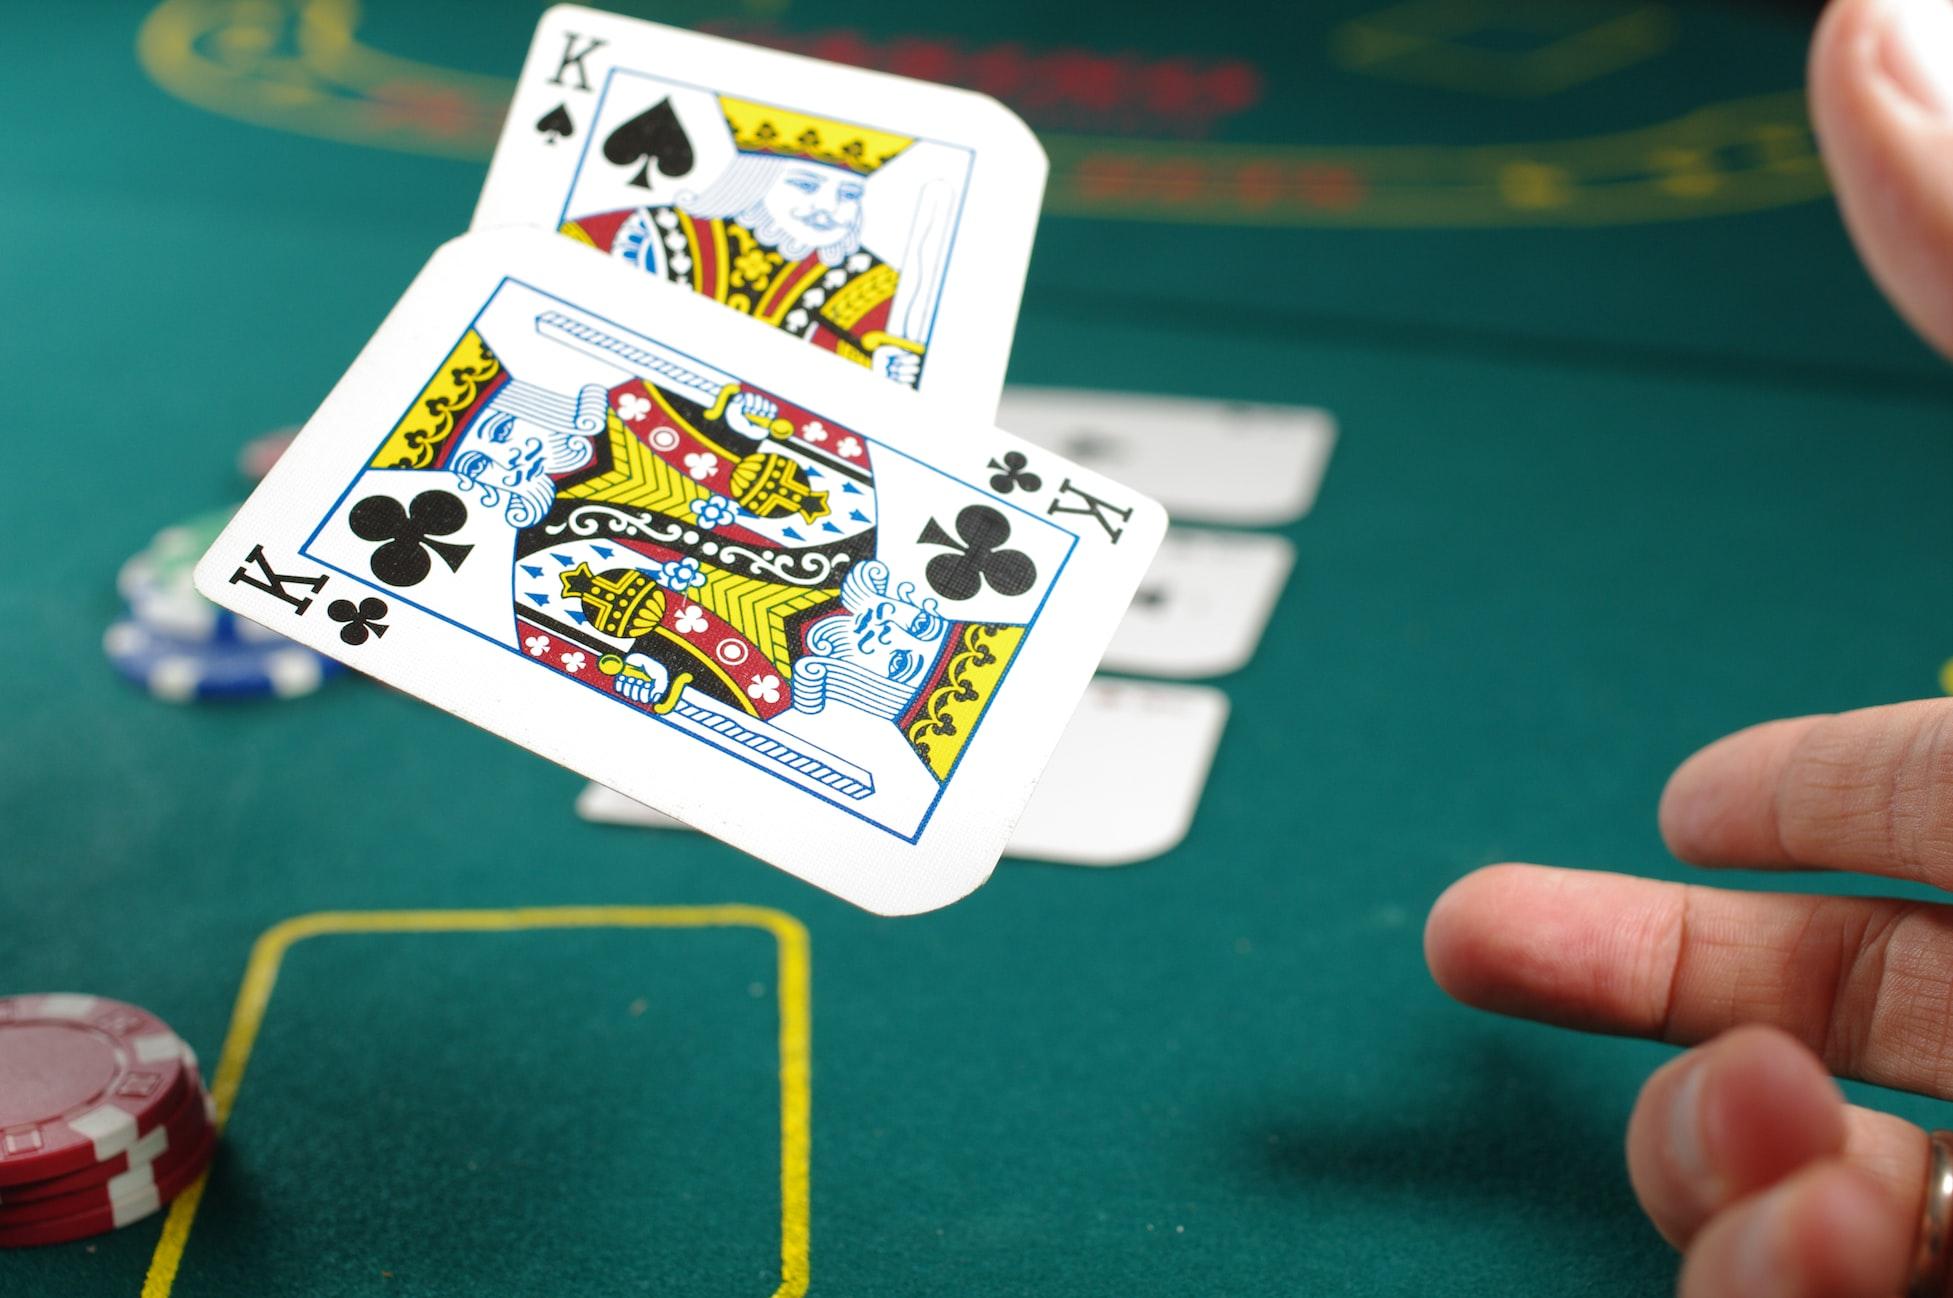 Blackjack-kaarten worden op tafel gegooid